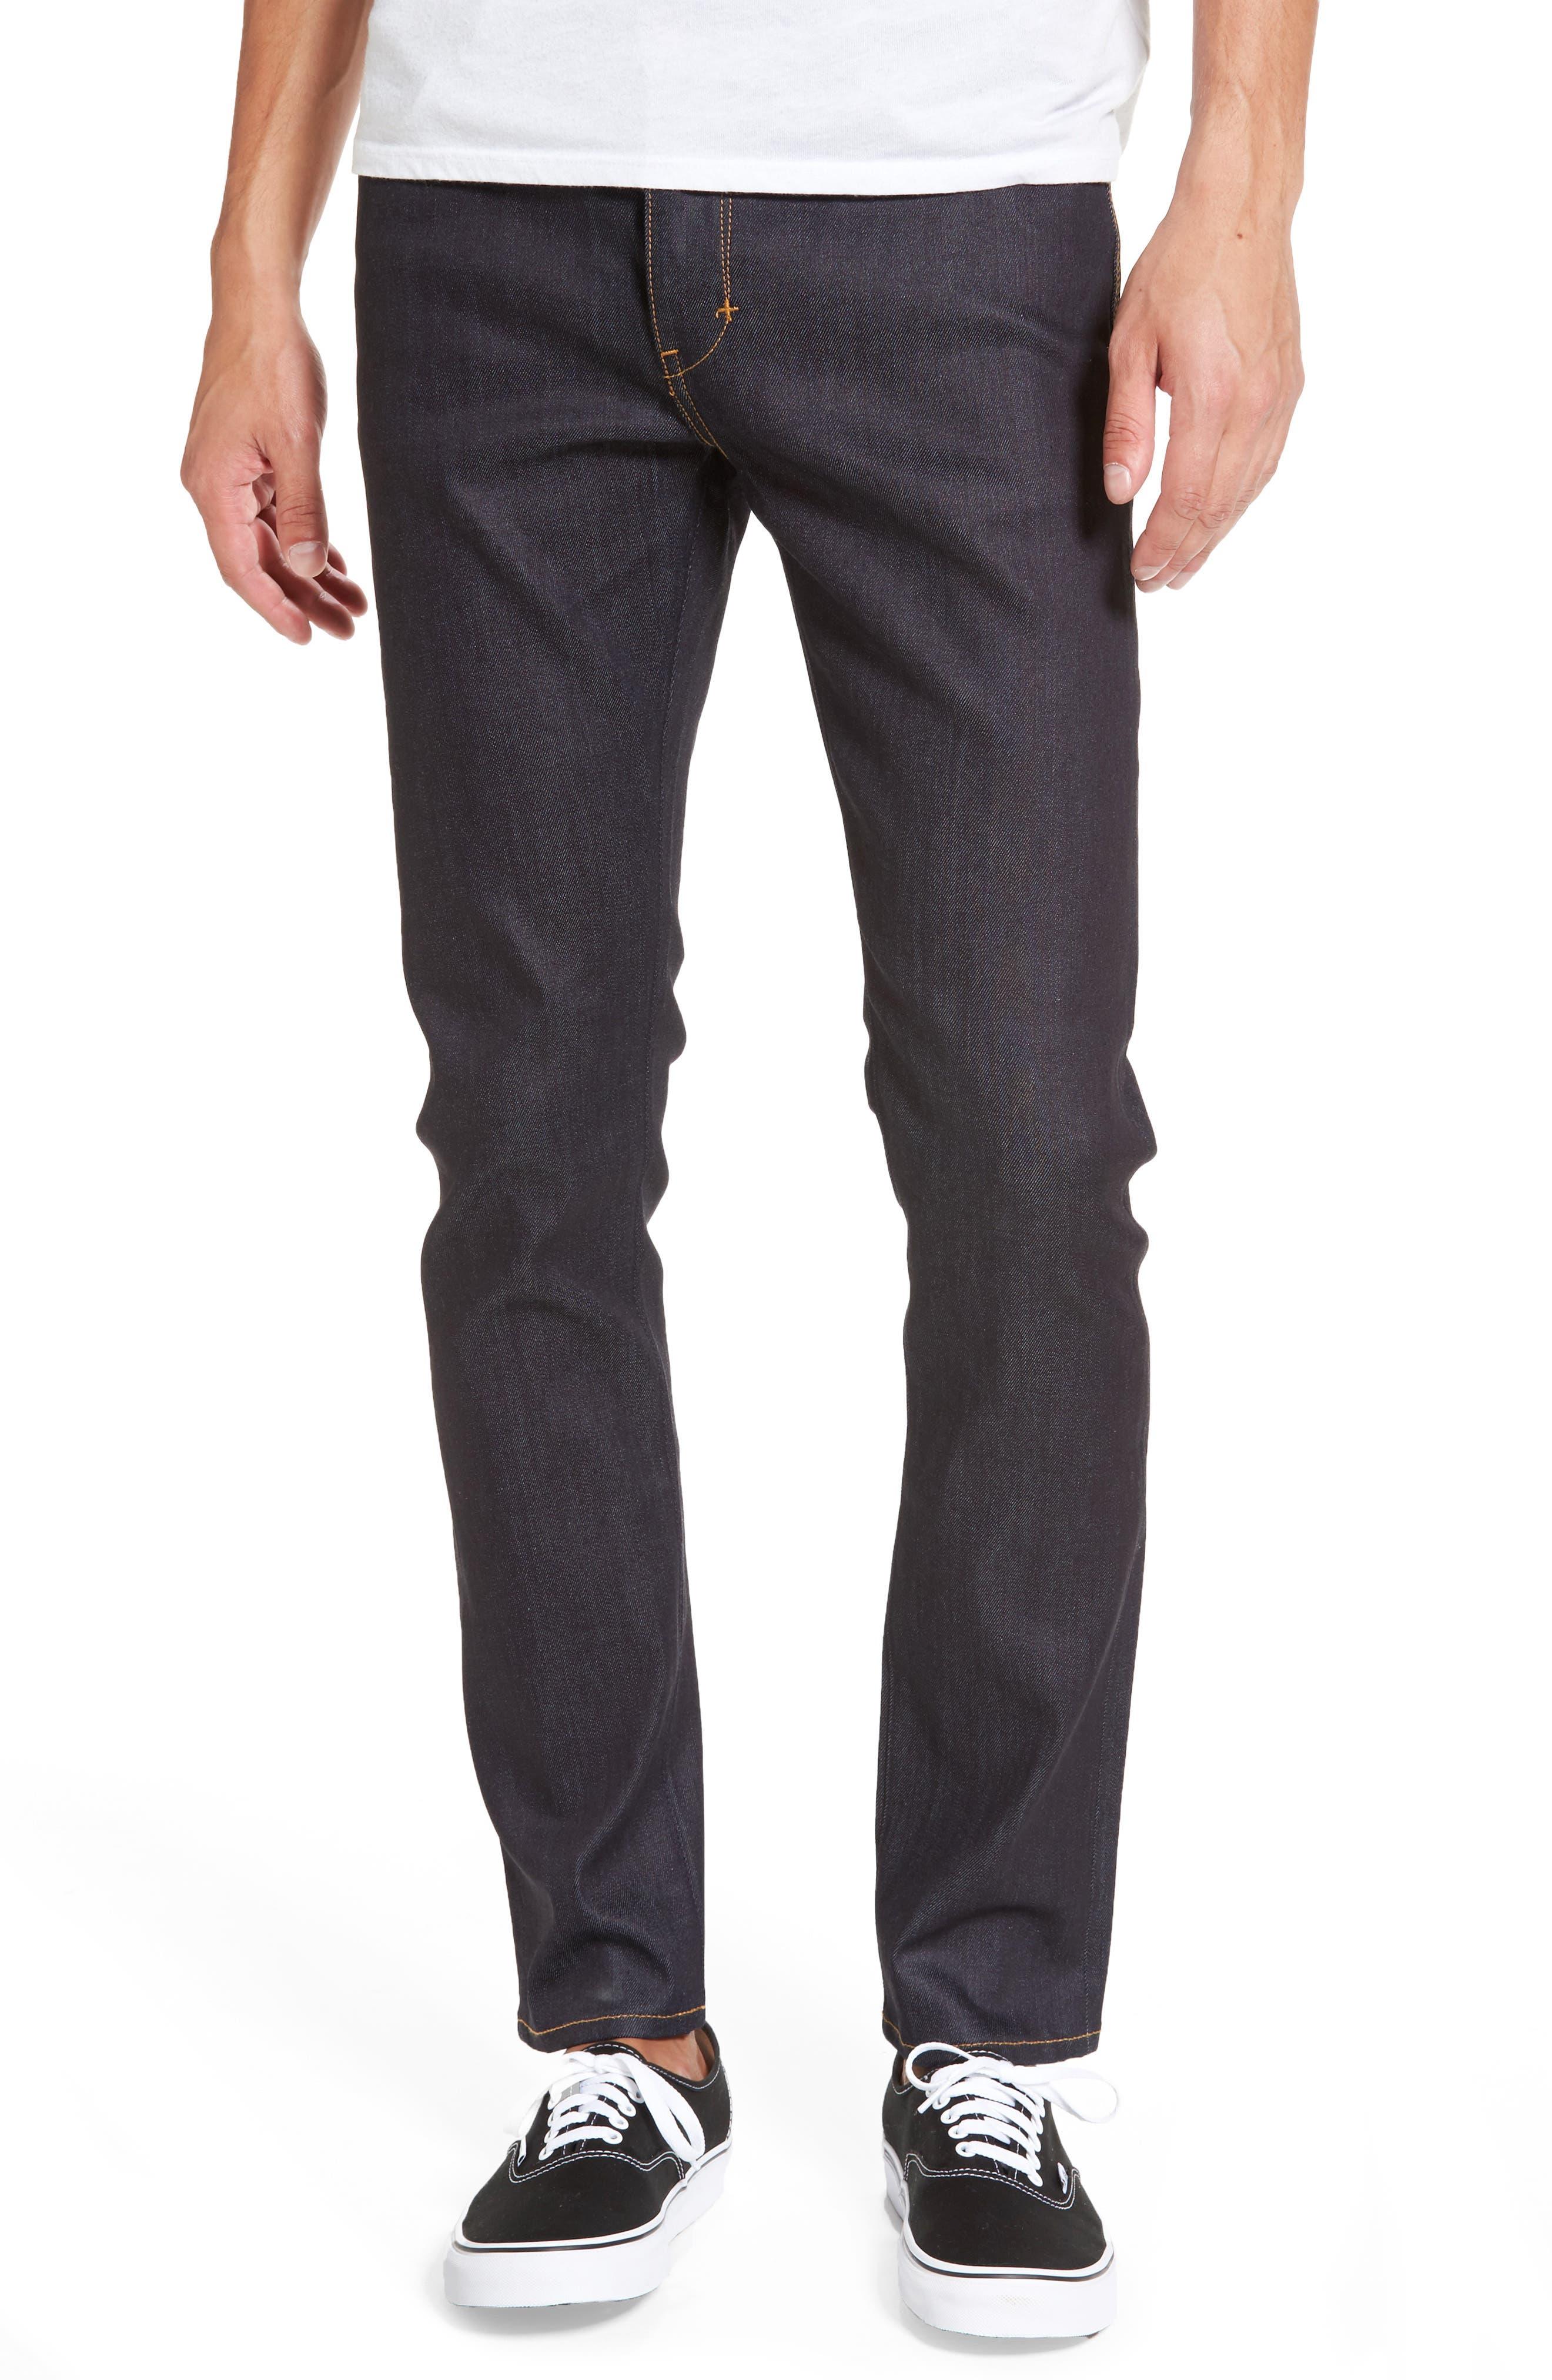 Alternate Image 1 Selected - Neuw Iggy Skinny Jeans (Raw Stretch)